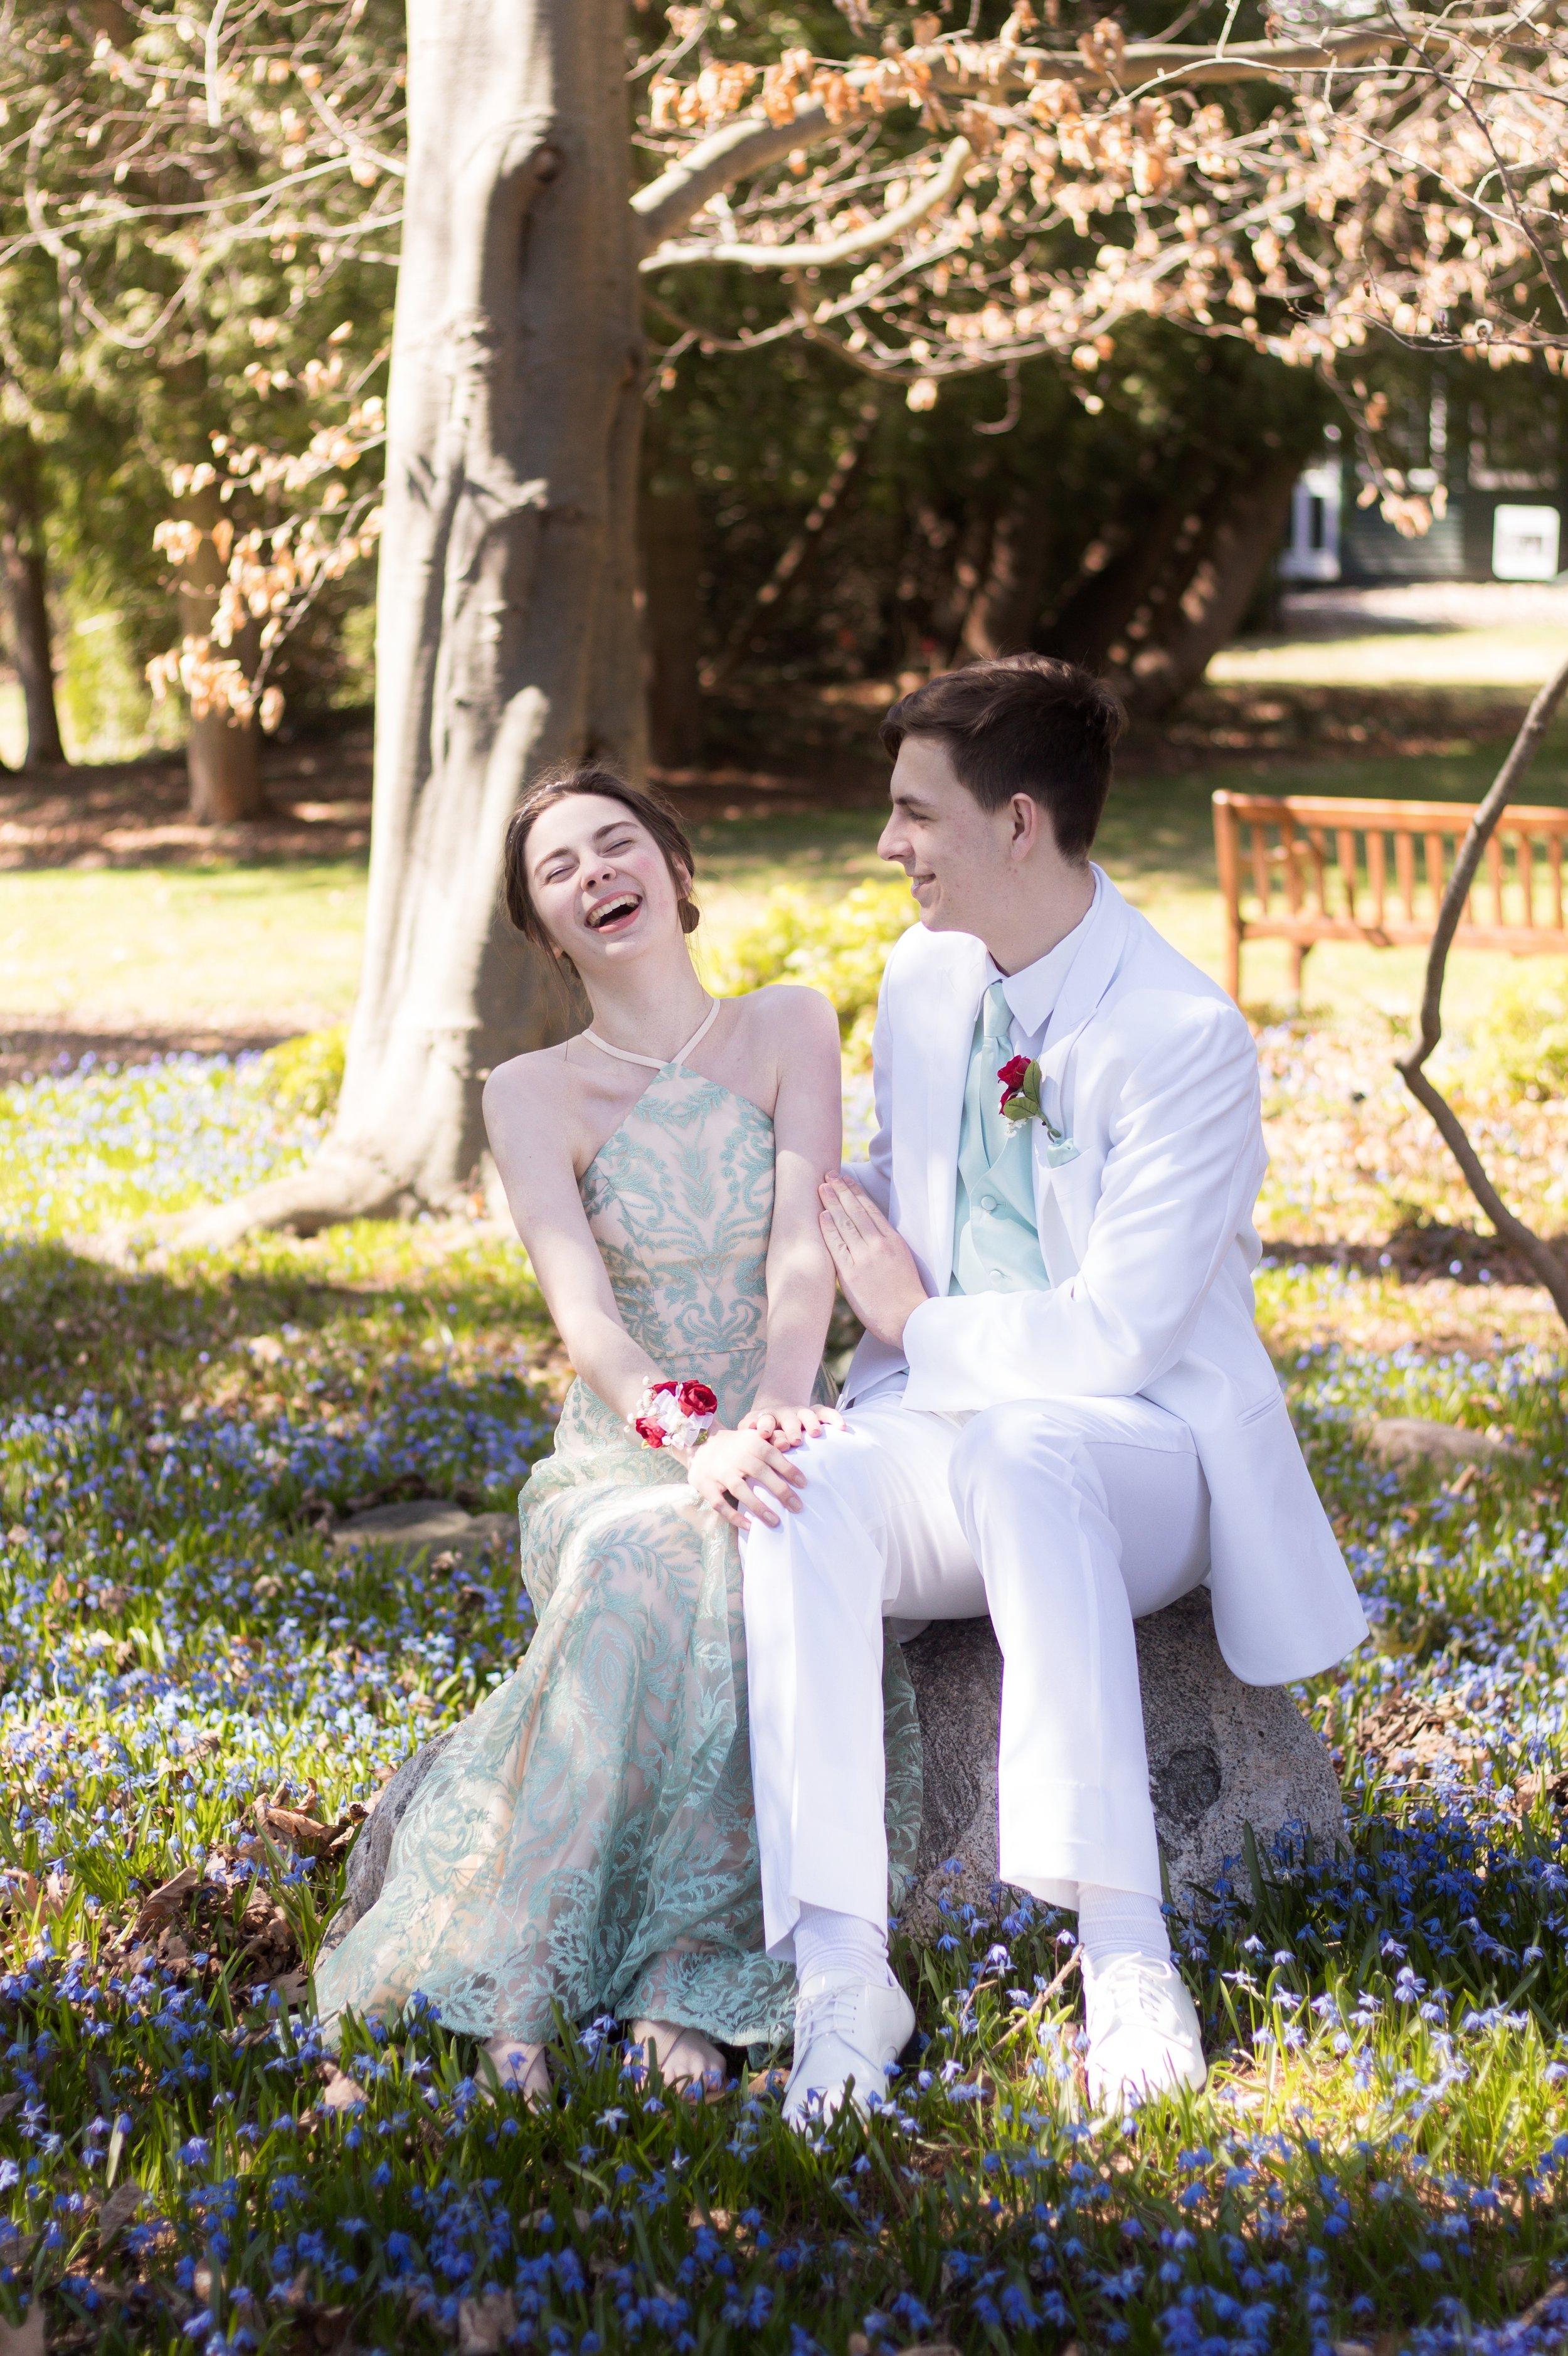 Prom Thomas and Em Thomas (40).jpg